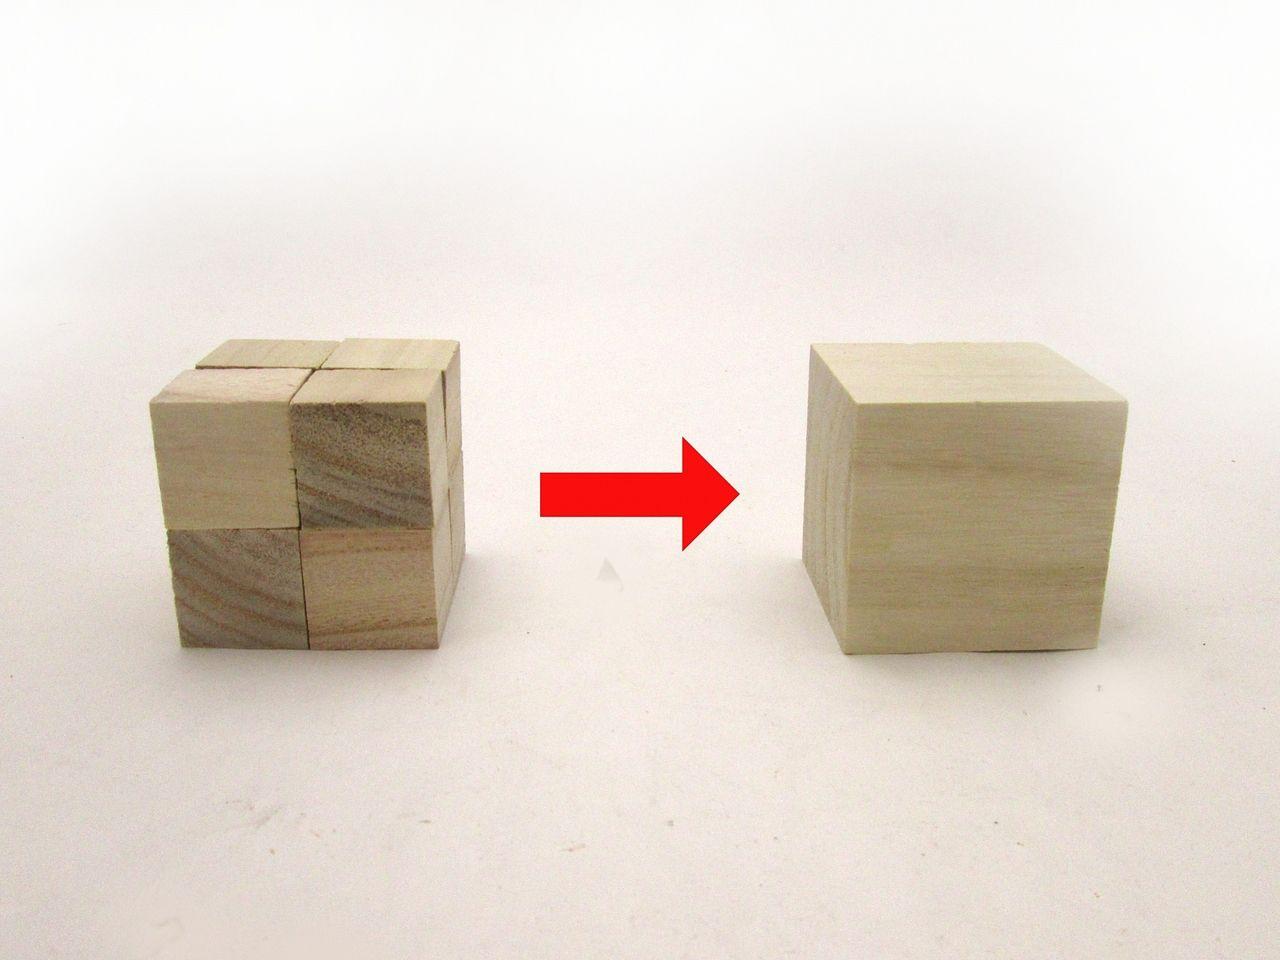 3社分散していたポータルサイトを1社に集中したら反響が3倍に